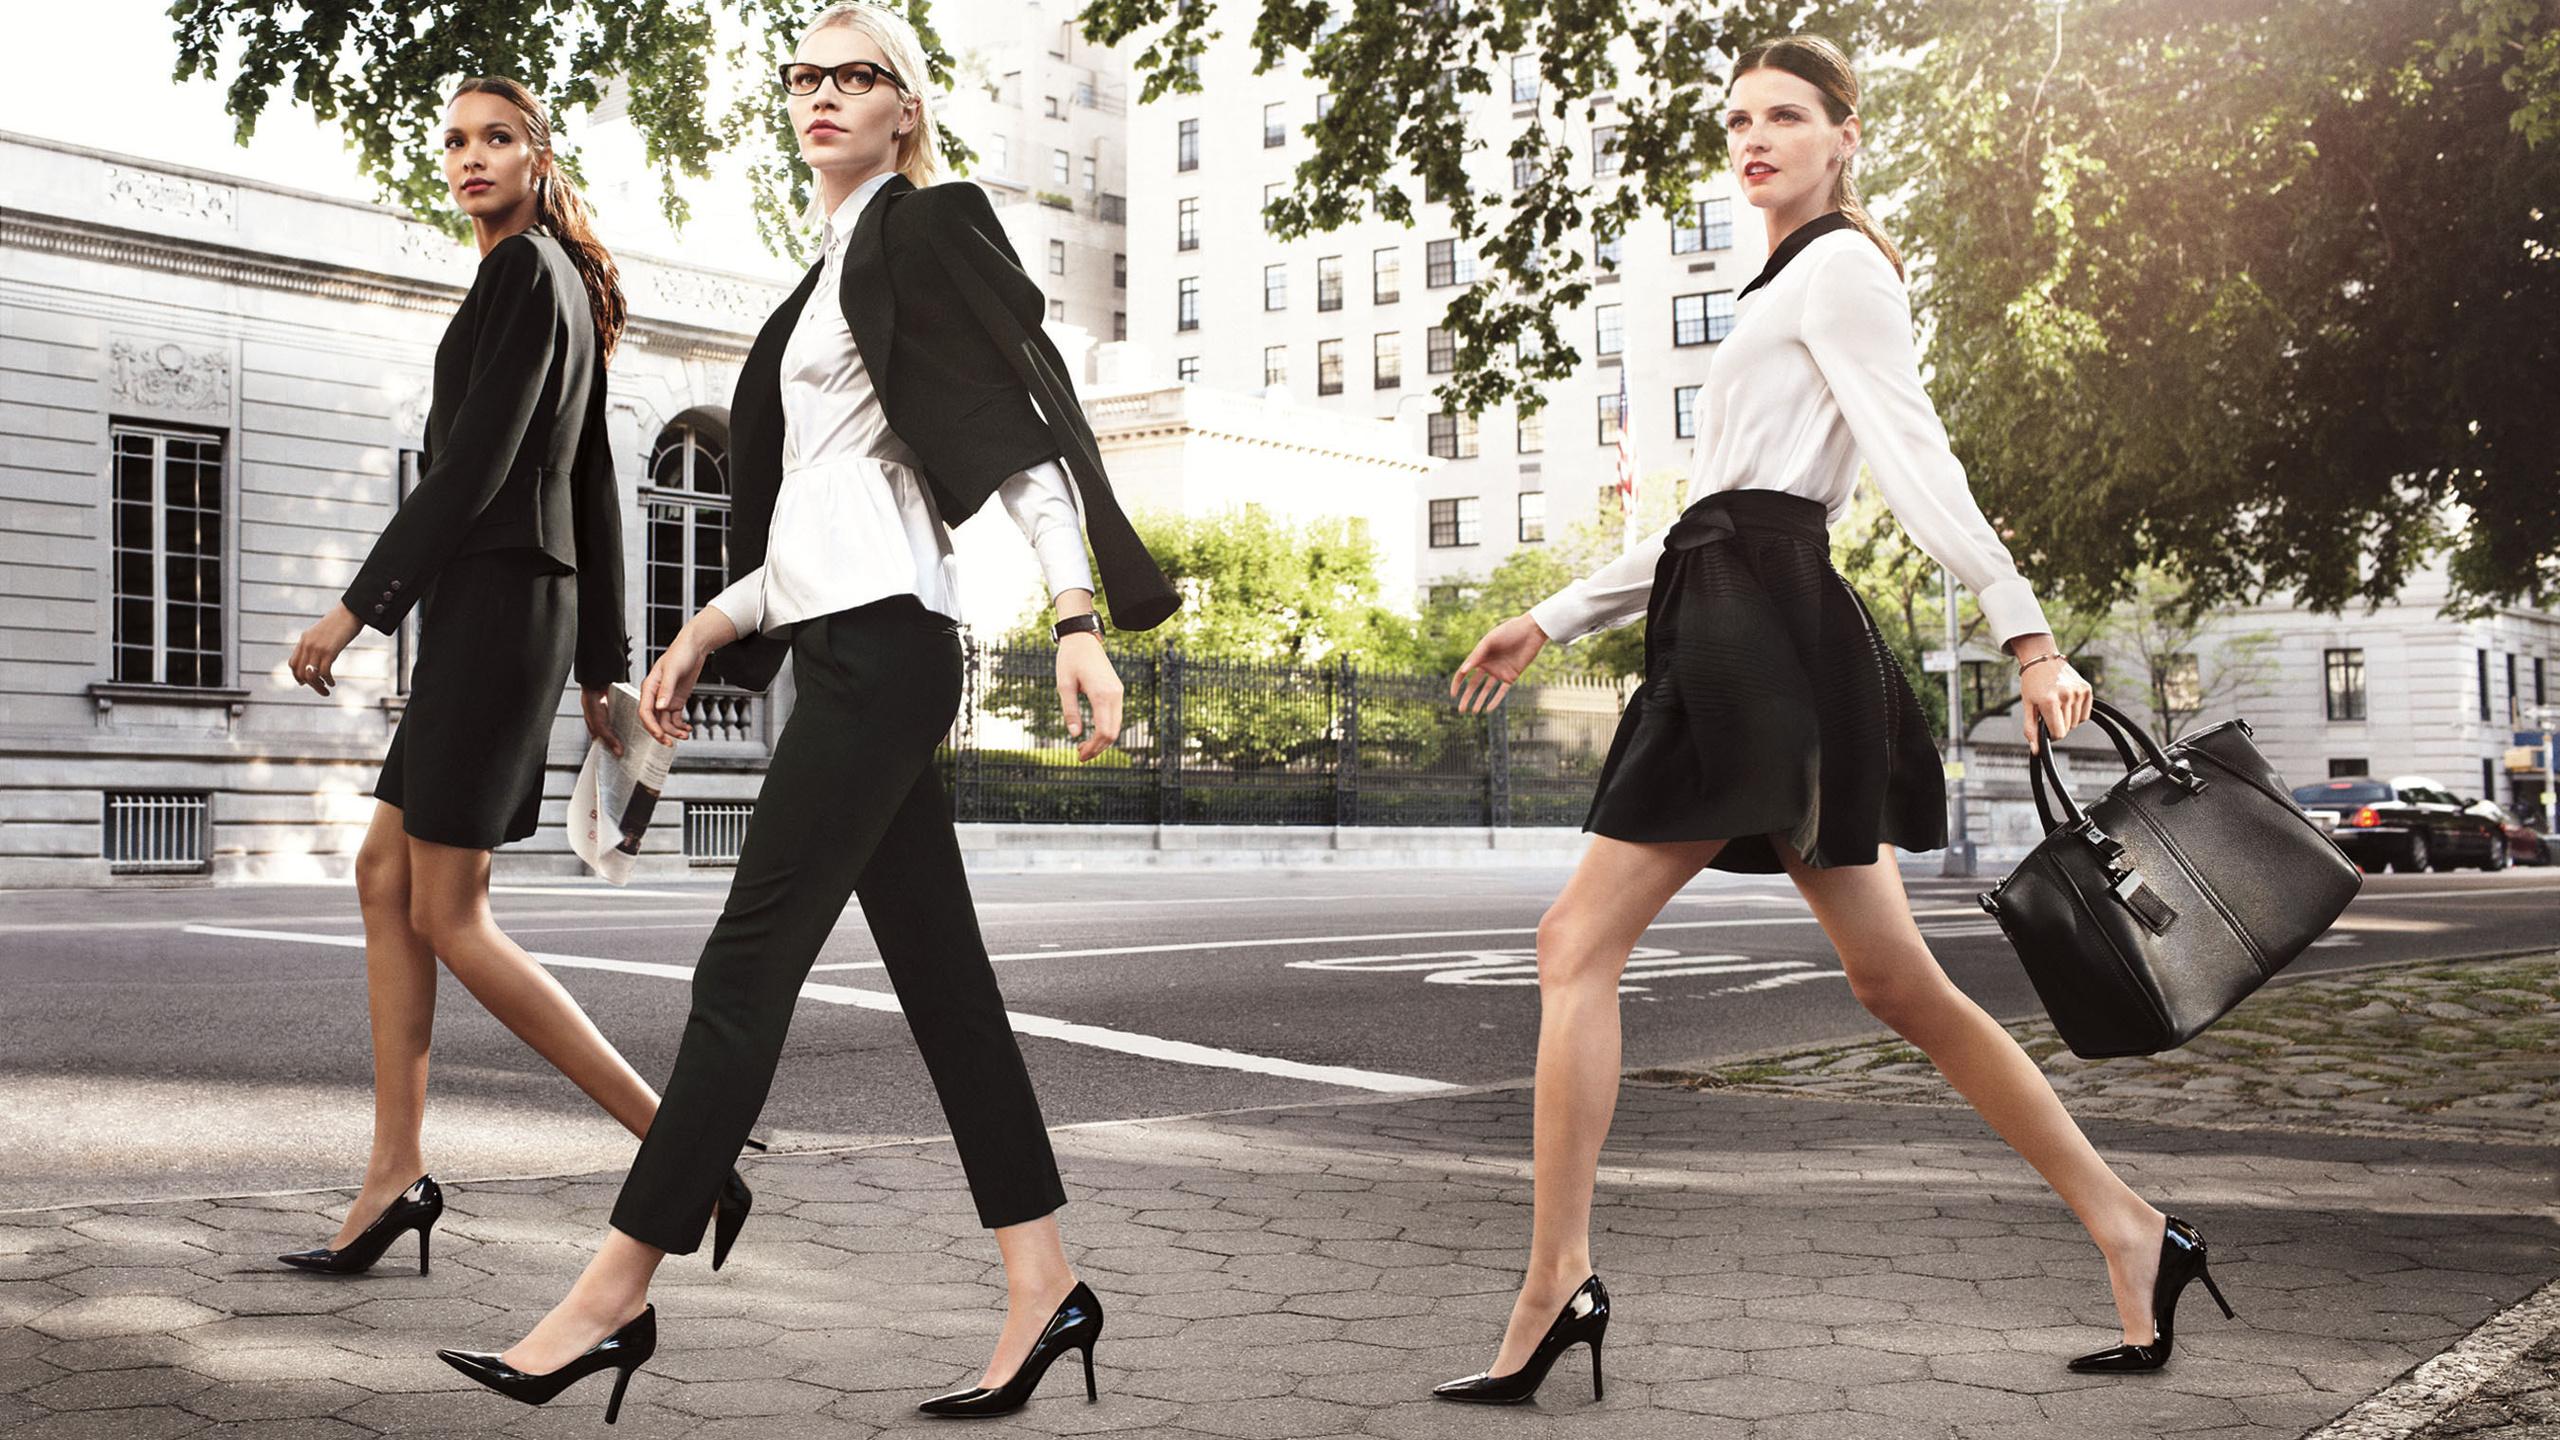 Деловой ансамбль: Идеальный гардероб для business woman